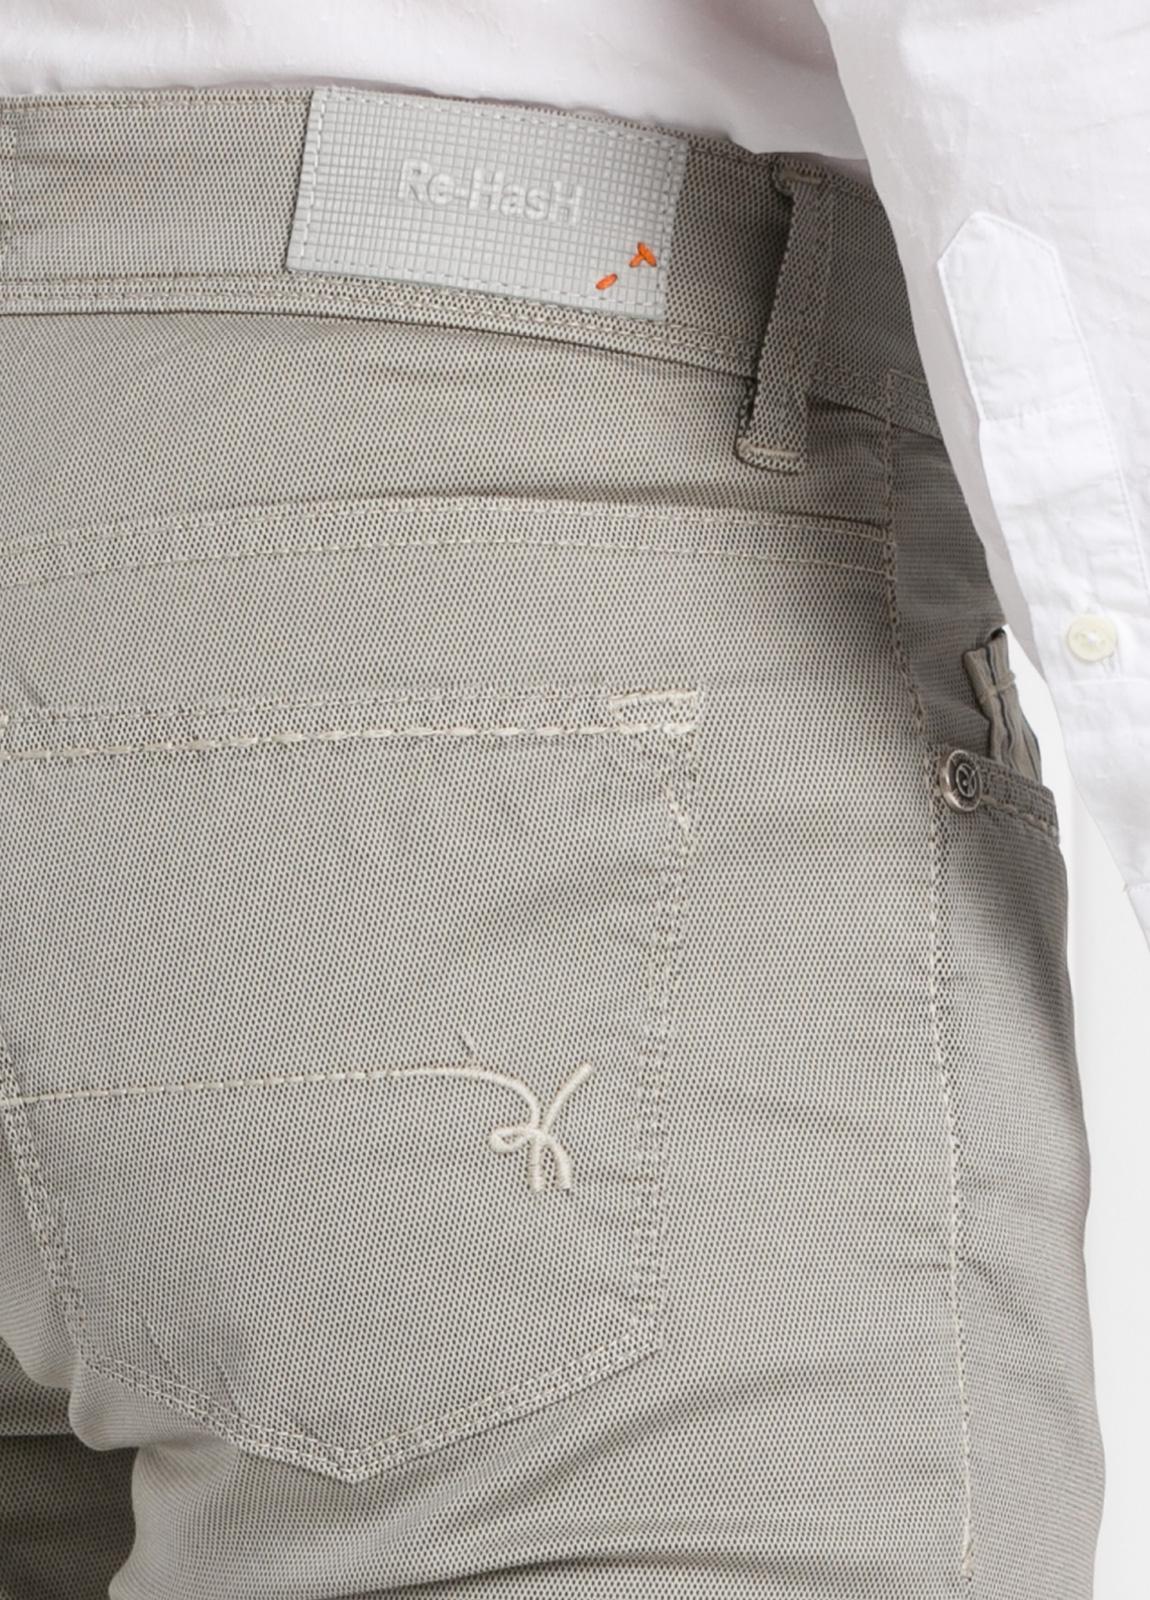 Pantalón sport slim fit modelo RUBENS Z color piedra. Algodón - Ítem1